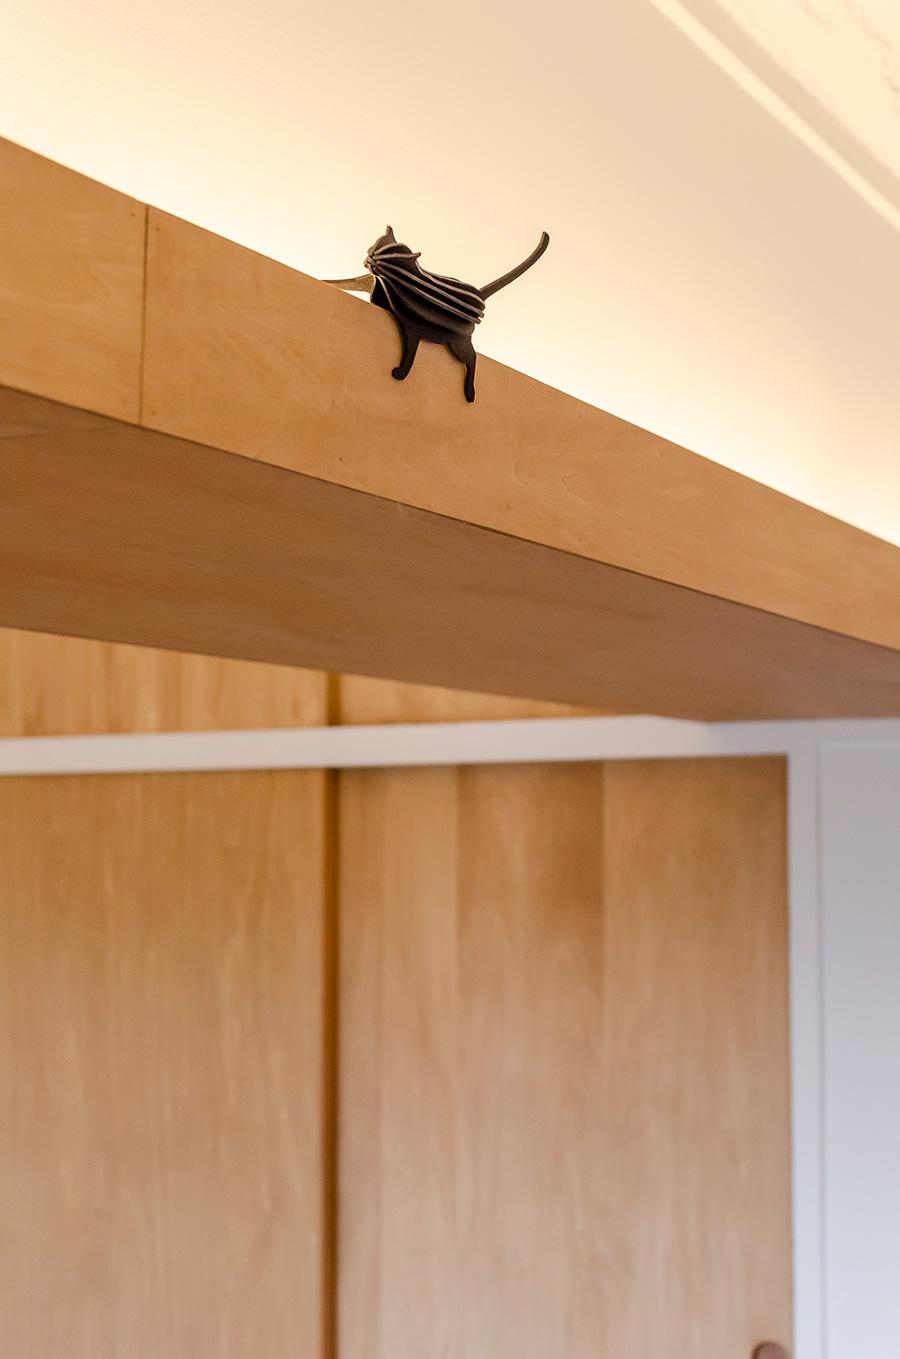 梁の低さを解消するため、覆いをつけて間接照明を取り付けた。LDKに均一に光がまわる。